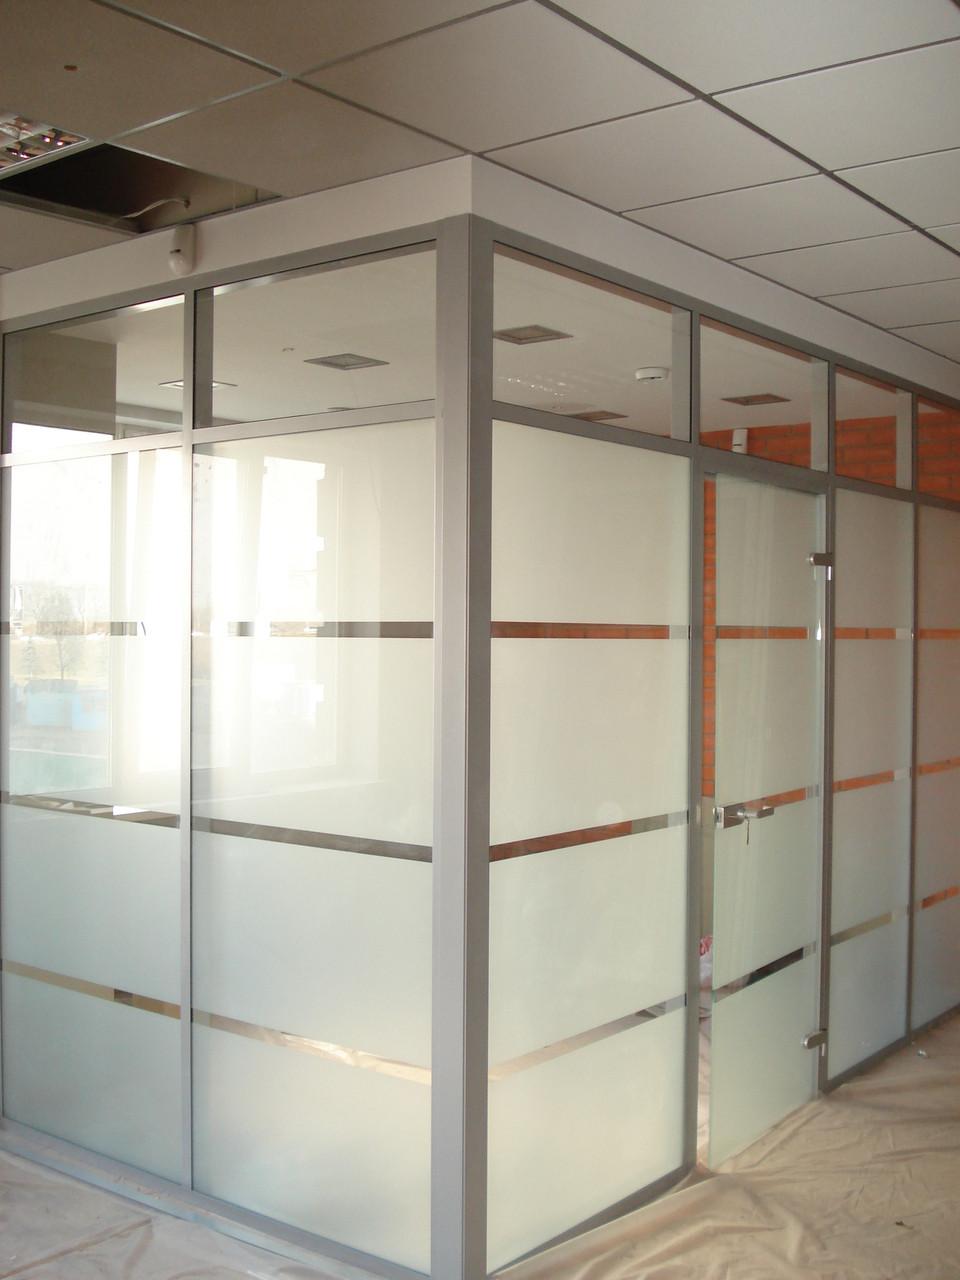 Стационарные перегородки для офиса, изготовление и монтаж